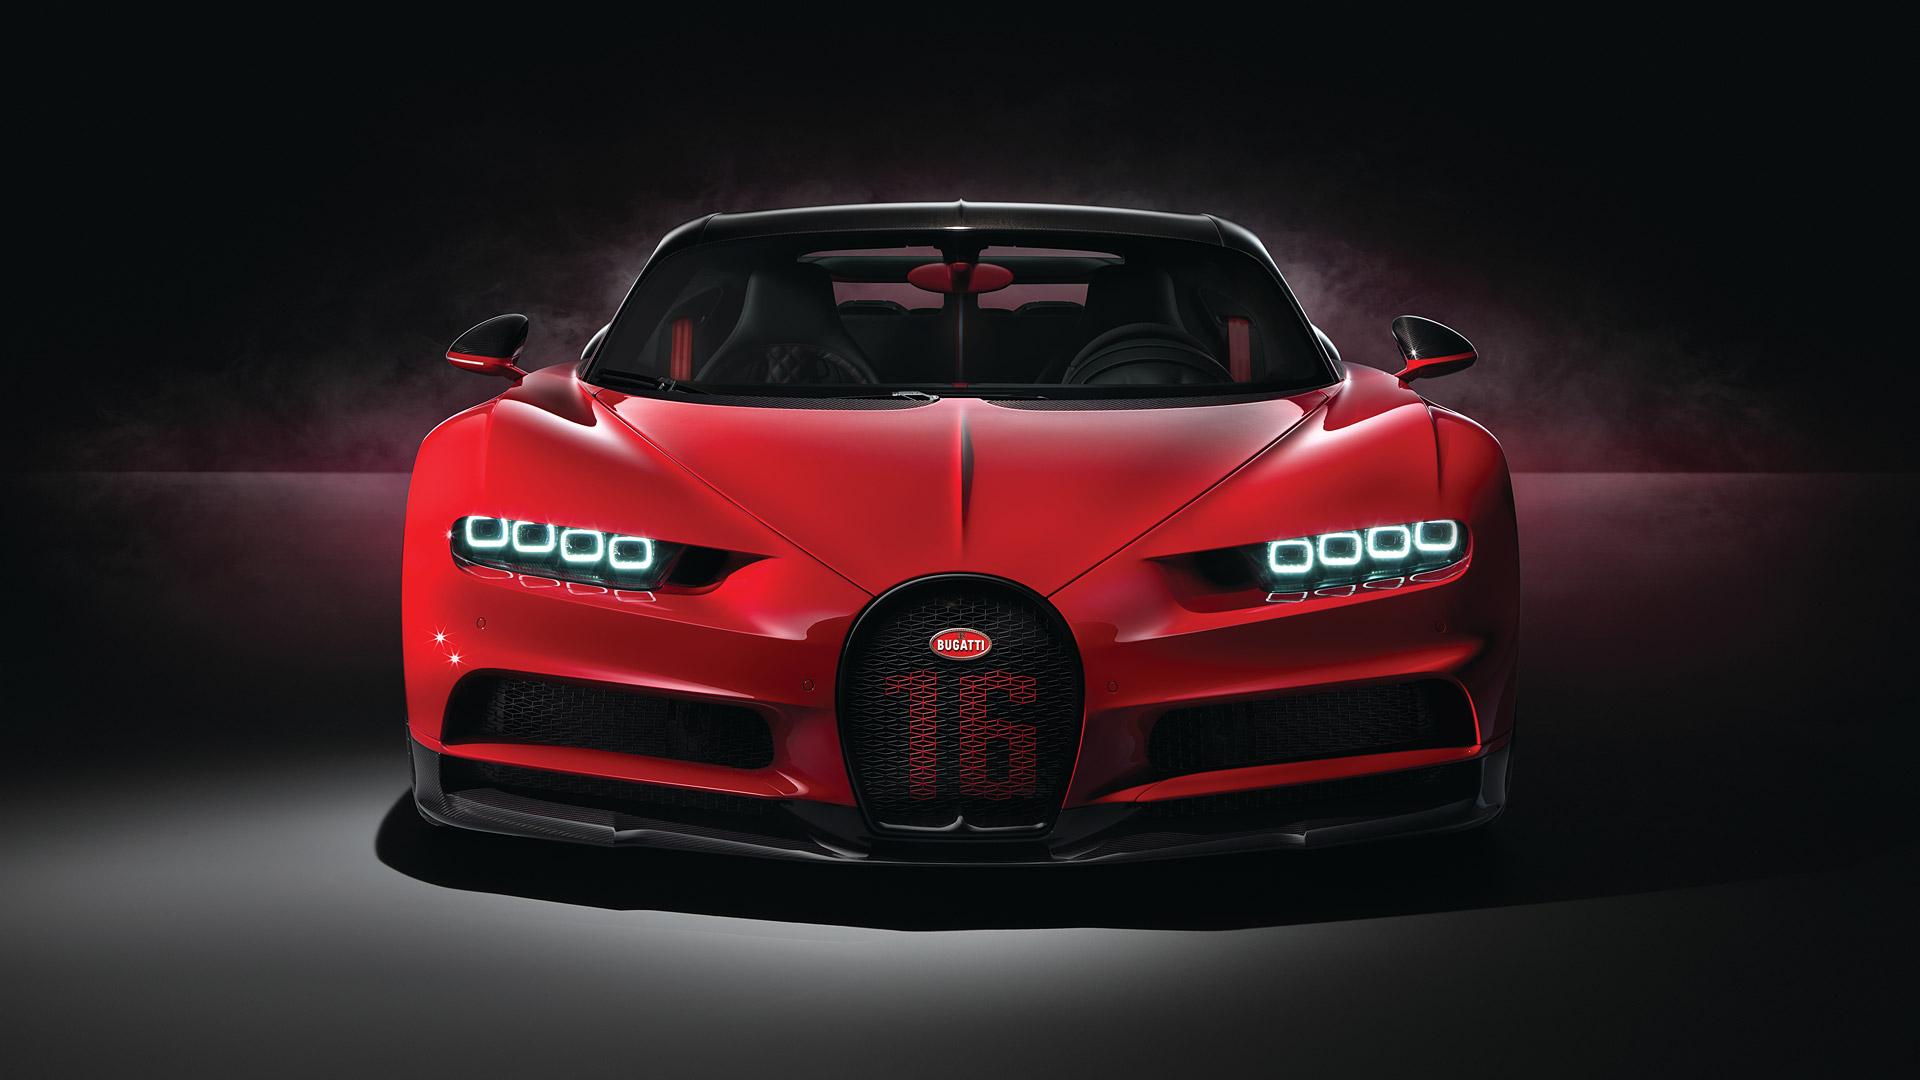 2019 Bugatti Chiron Sport HD Wallpaper | Background Image